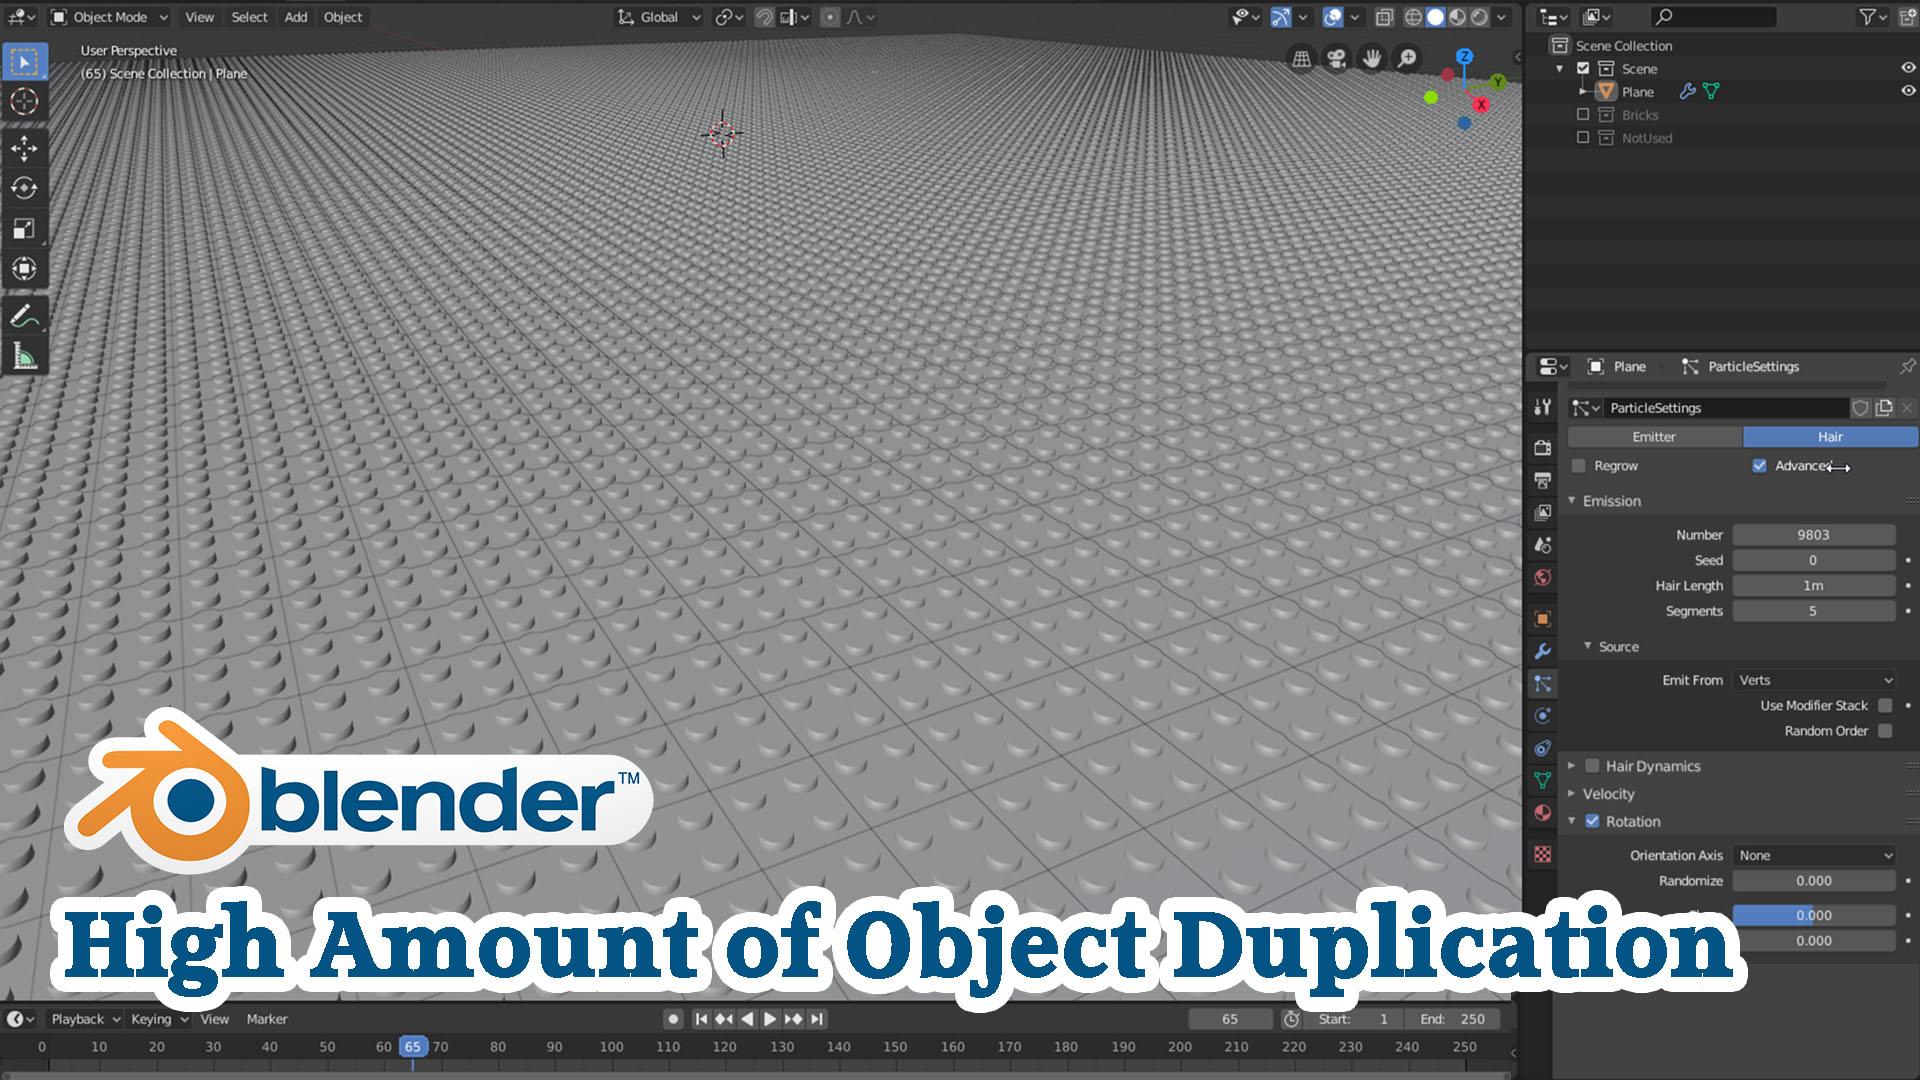 http://www.brickshelf.com/gallery/Peiler/Making-Of/02_particlesystem_thumbnail.jpg